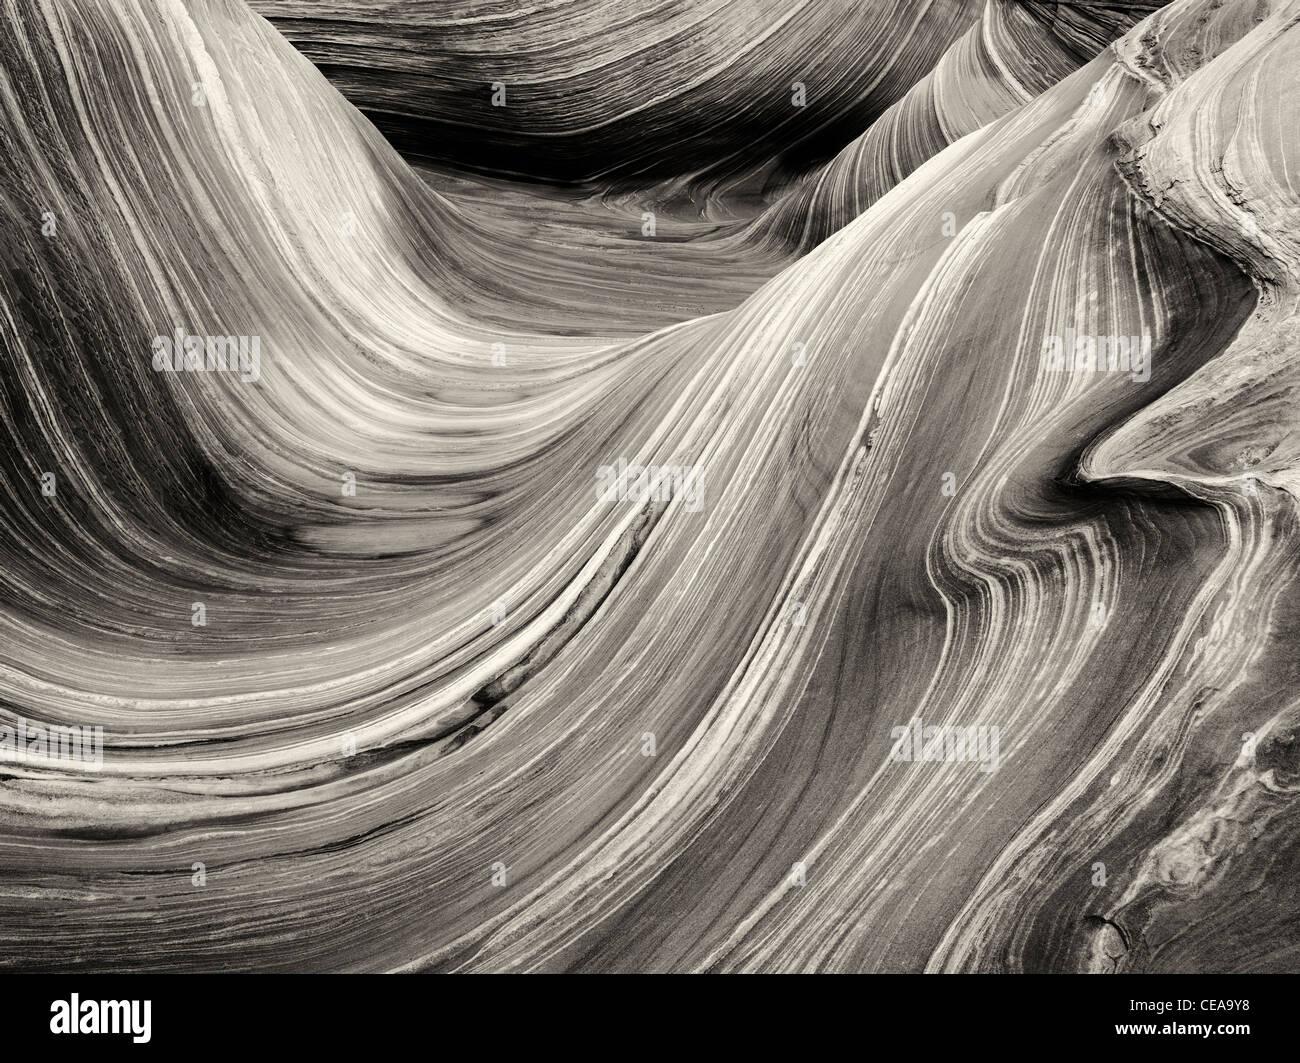 Formazione Sandtone in Nord Coyote Buttes, l'onda. Paria Canyon Vermillion Cliffs Wilderness. Utah e Arizona Immagini Stock